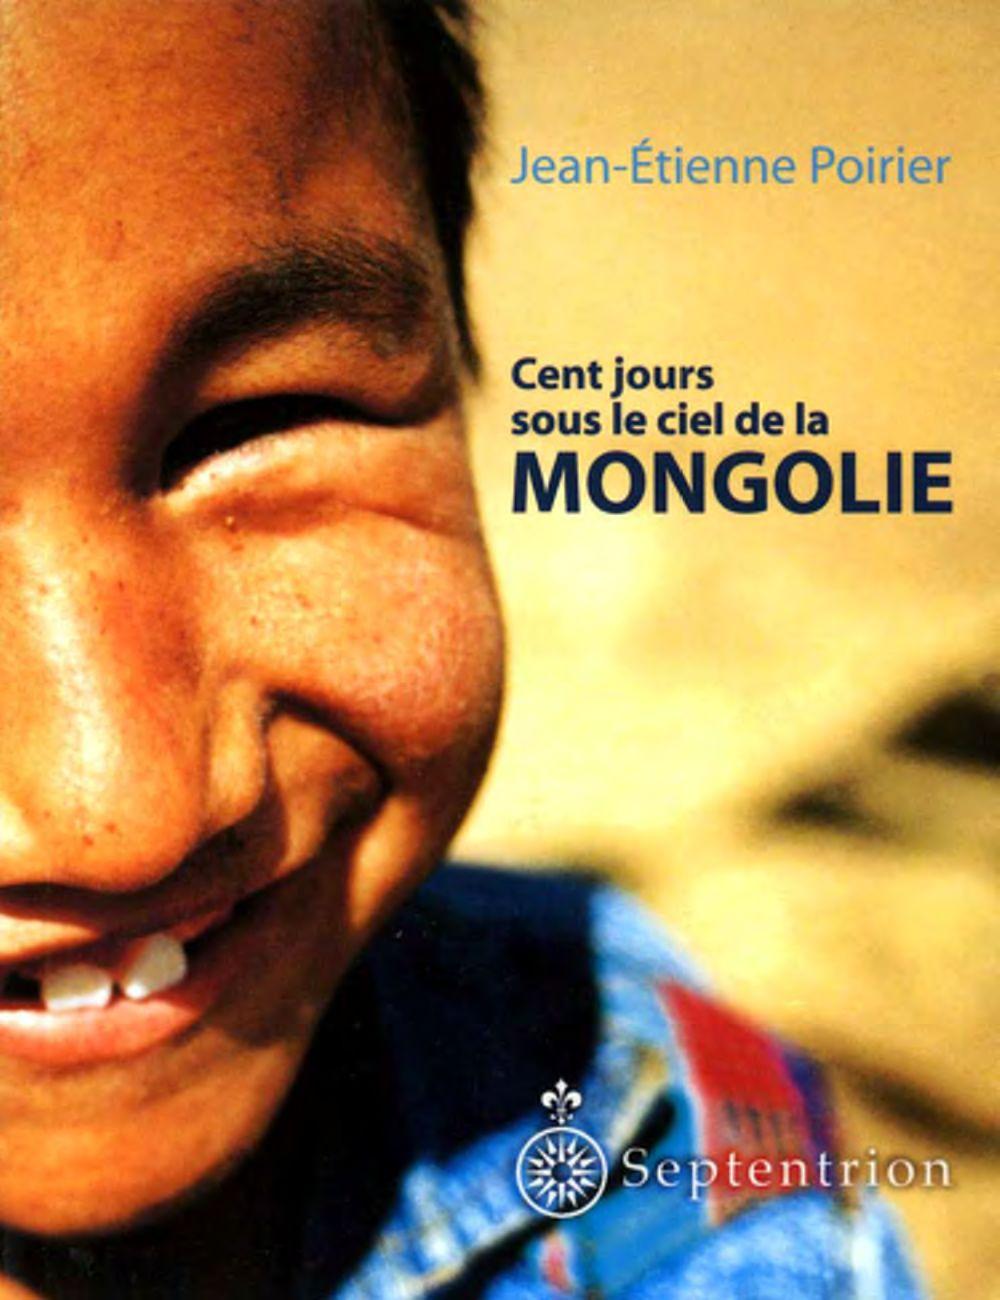 Cent jours sous le ciel de la Mongolie